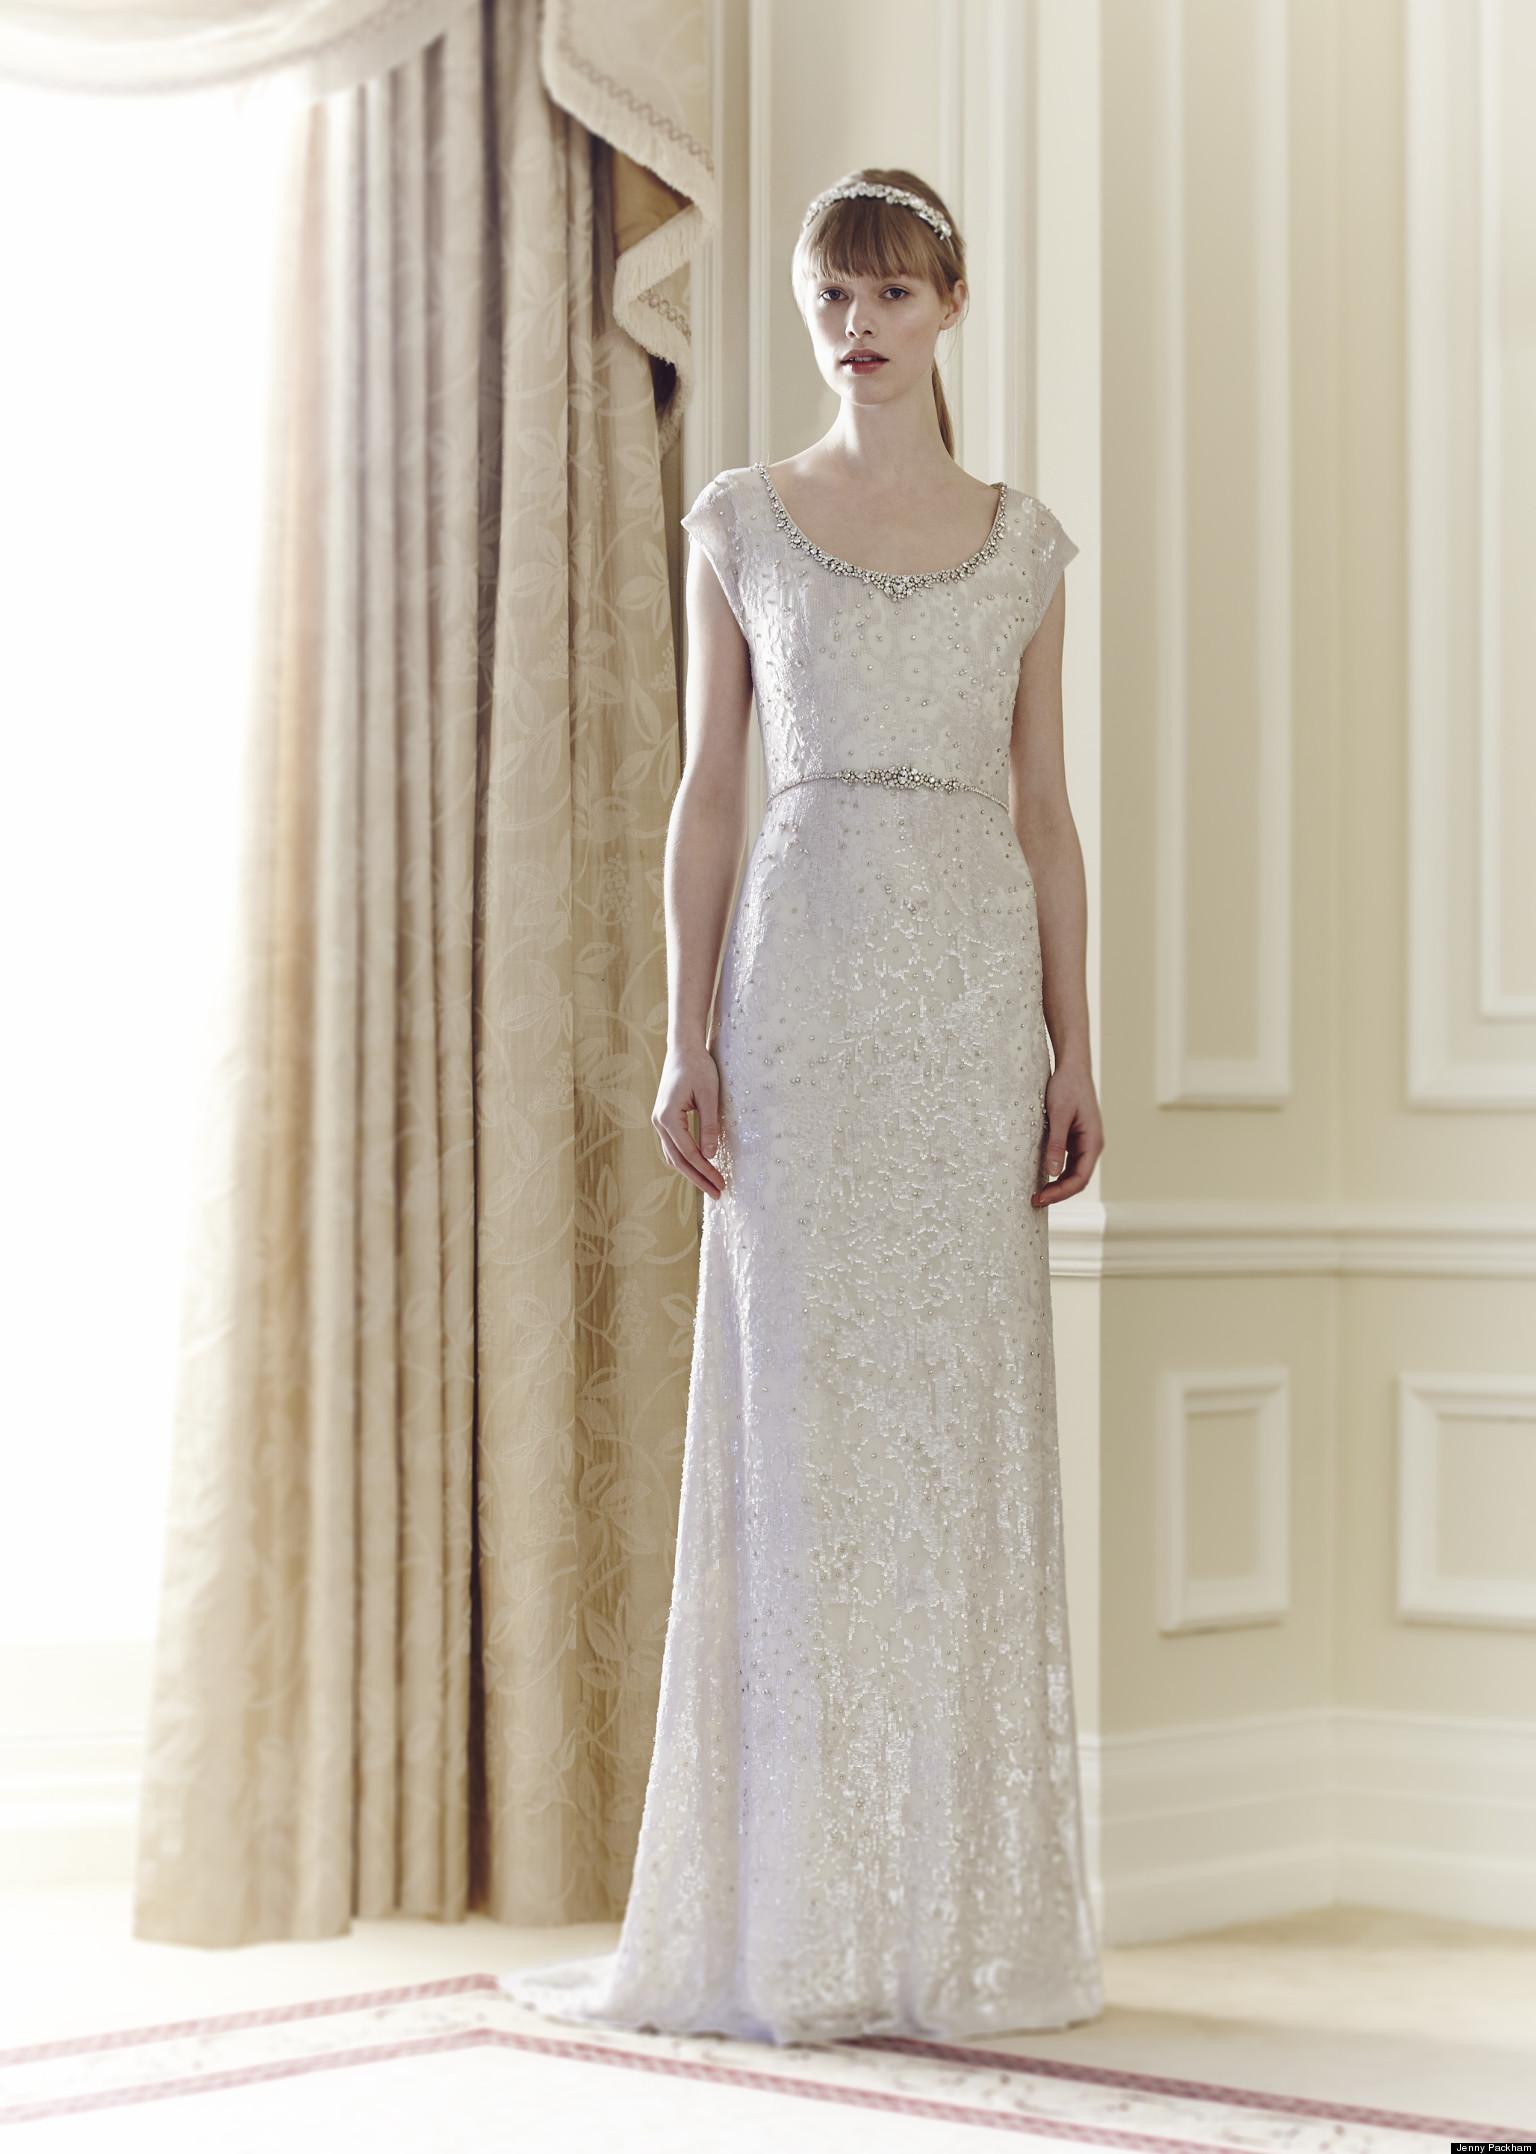 Jenny Packham, Bridal Designer, Talks Current Trends, Celebrity ...